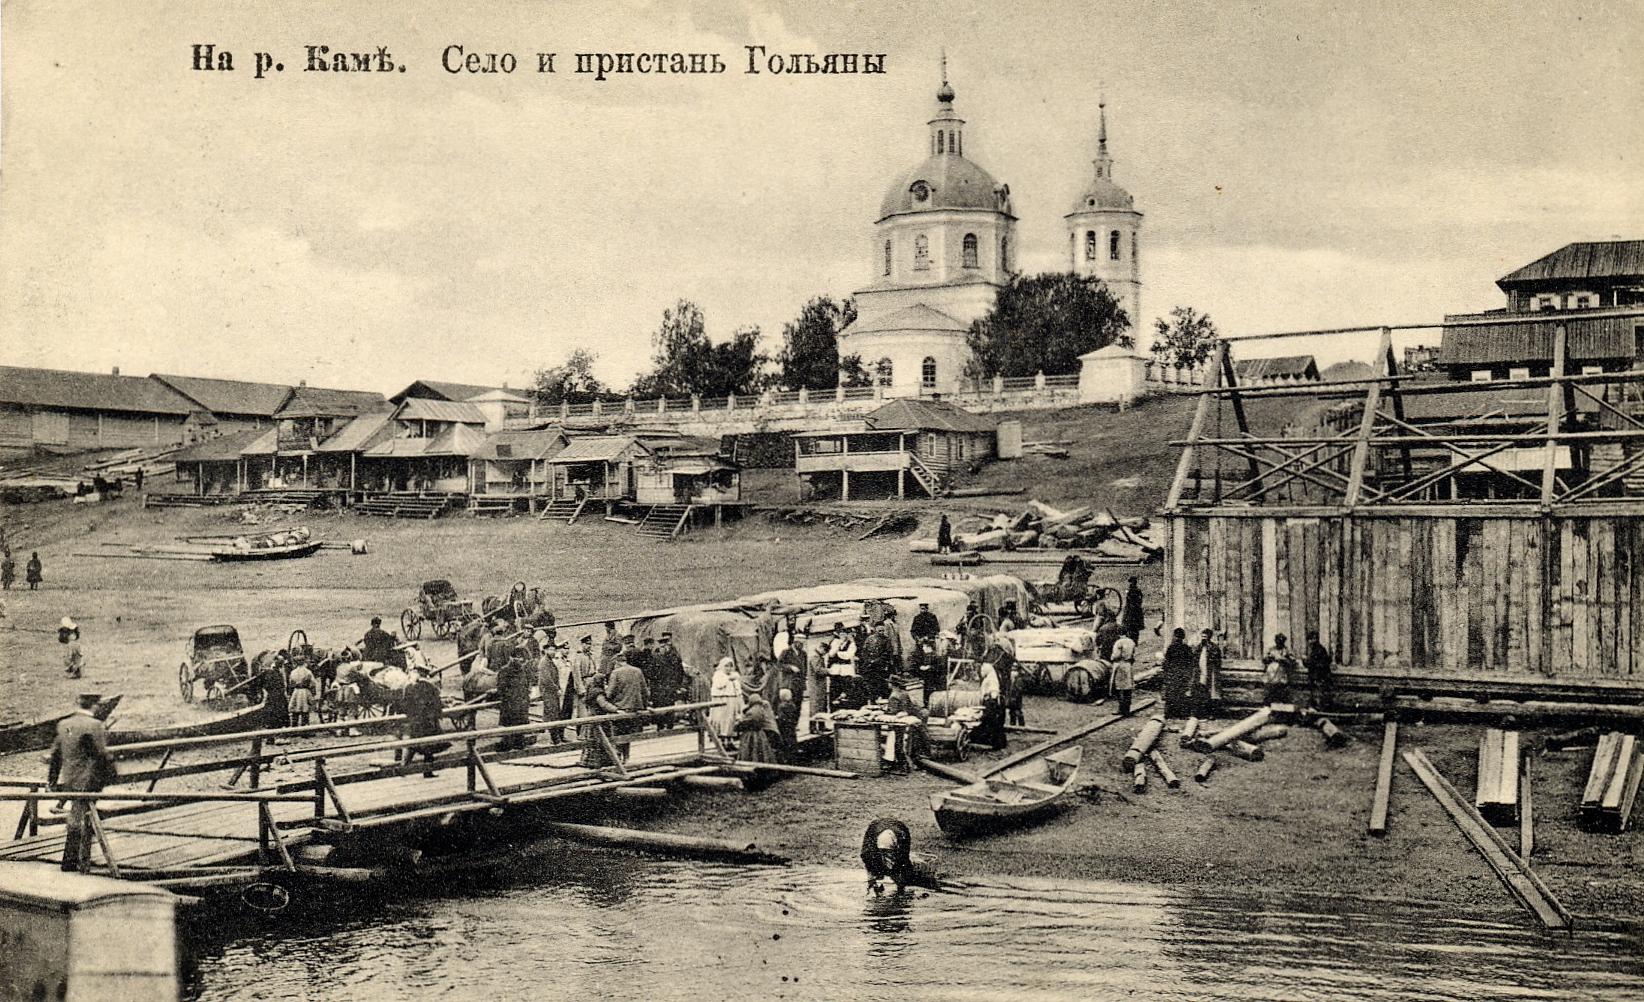 Окрестности Воткинского завода. Село и пристань Гольяны